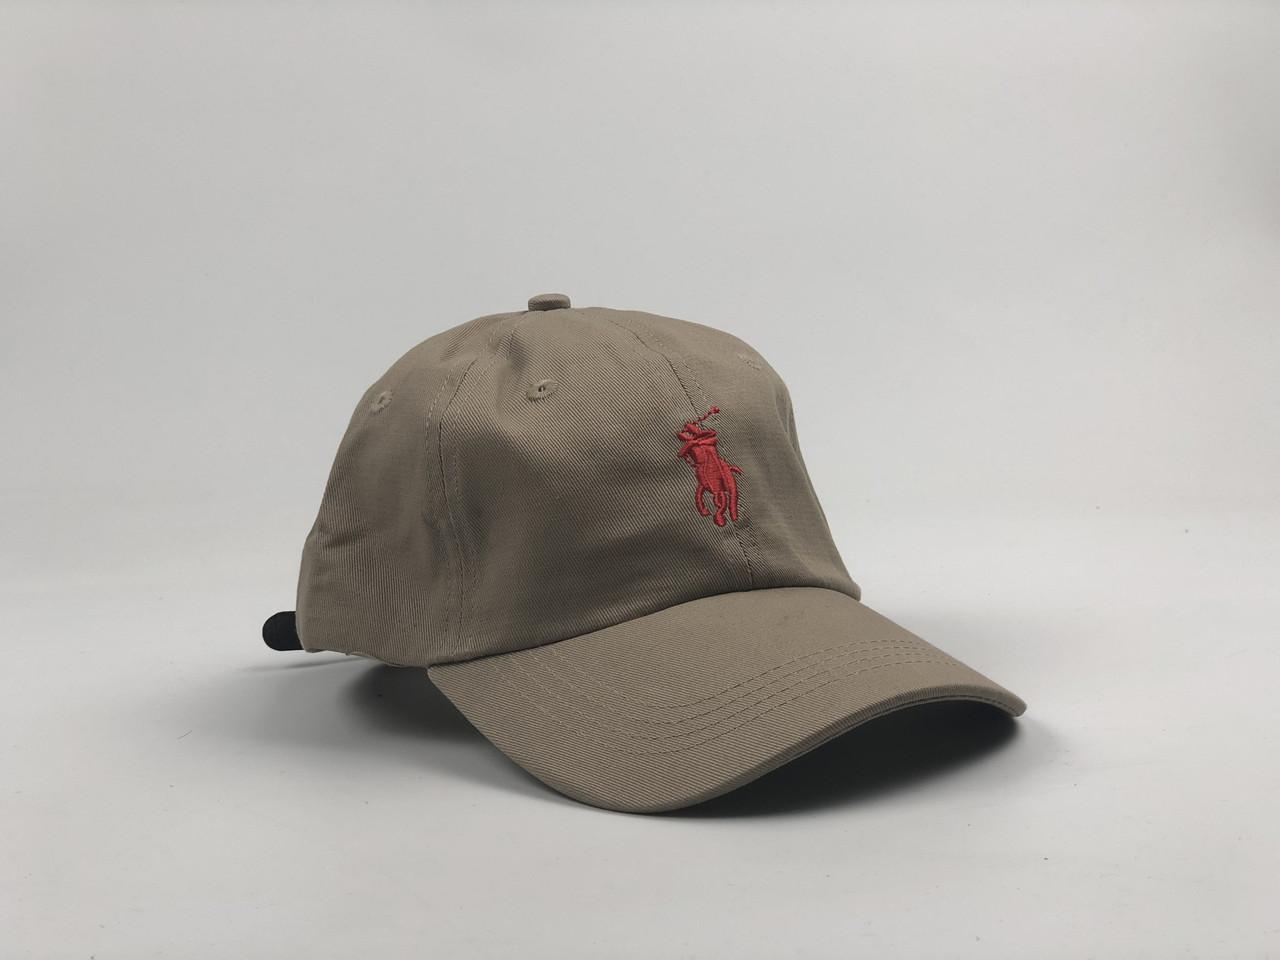 Кепка Бейсболка Мужская Женская Polo Ralph Lauren с кожаным ремешком Бежевая с Красным лого